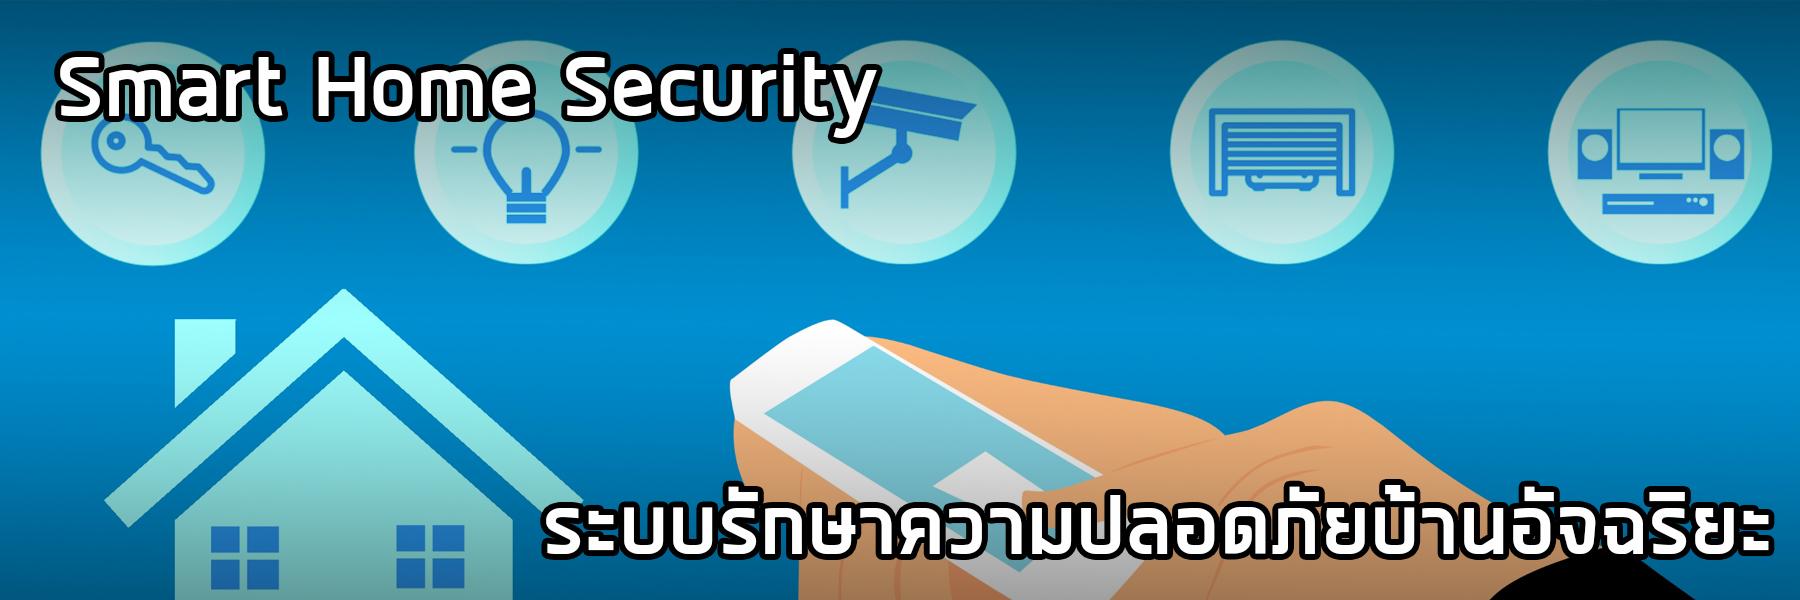 Smart Home Security ระบบความปลอดภัยบ้านอัจฉริยะ